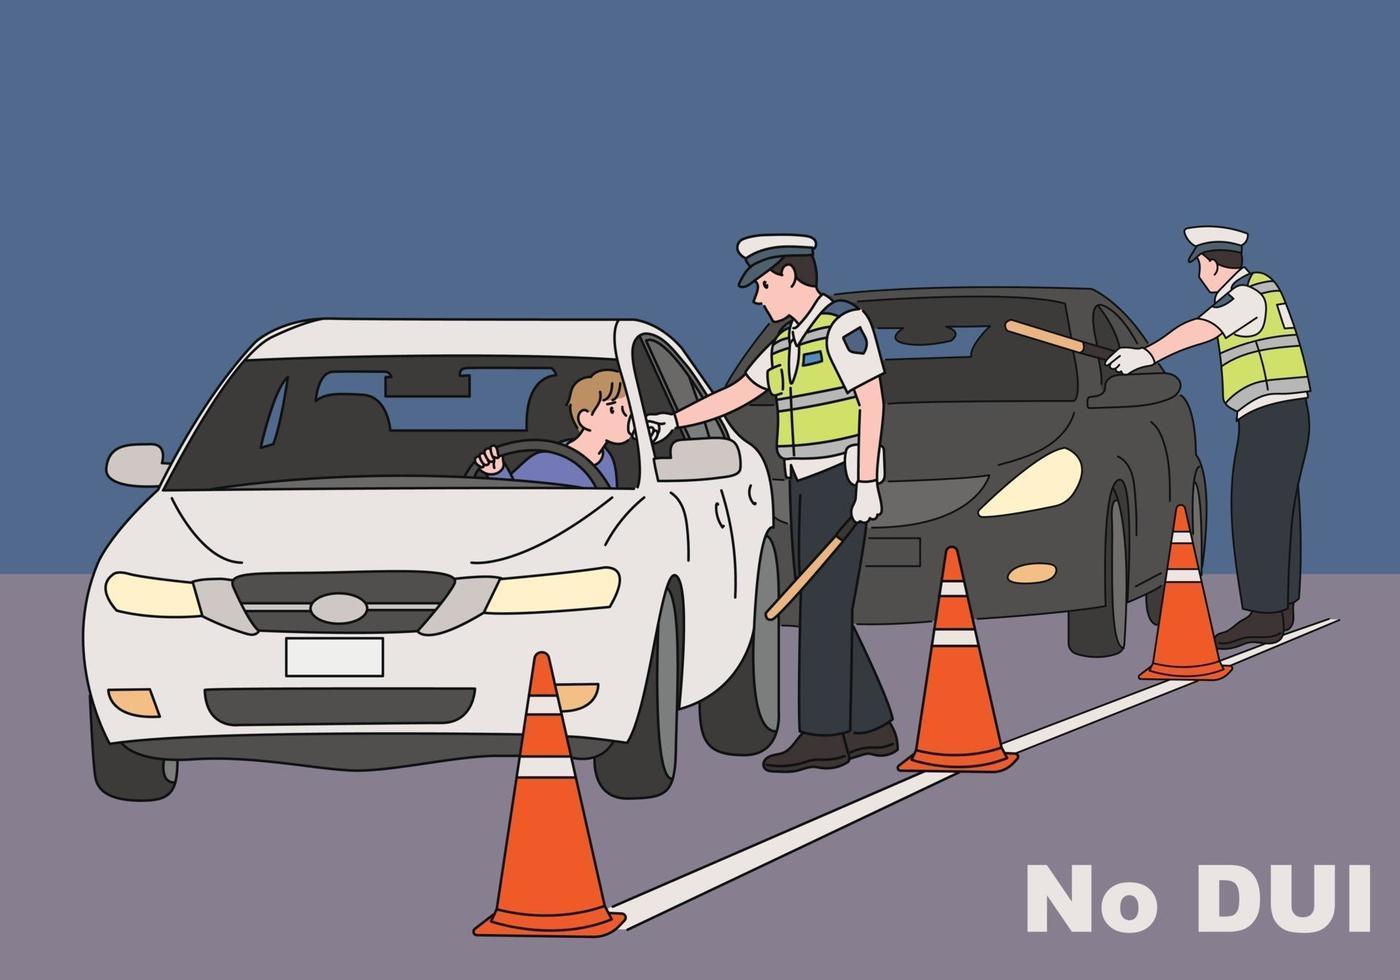 De verkeerspolitie treedt hard op tegen drinken. hand getrokken stijl vector ontwerp illustraties.